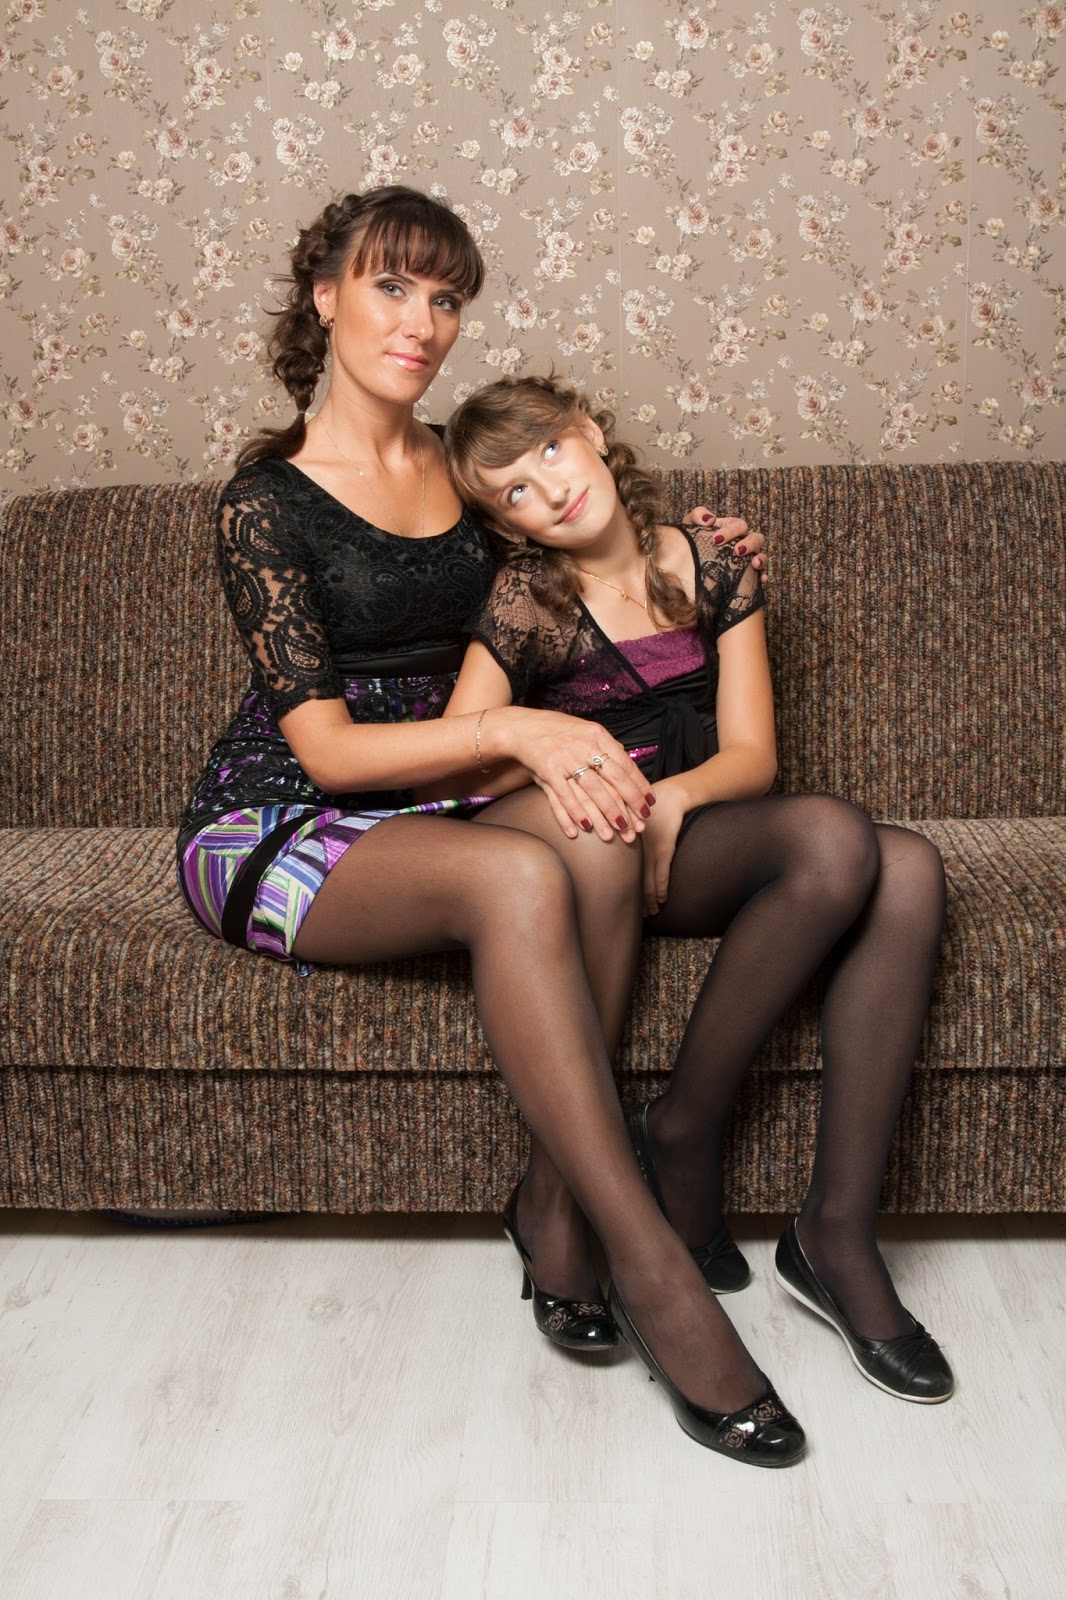 Fashion Tights Skirt Dress Heels  My Friend Goca-4833